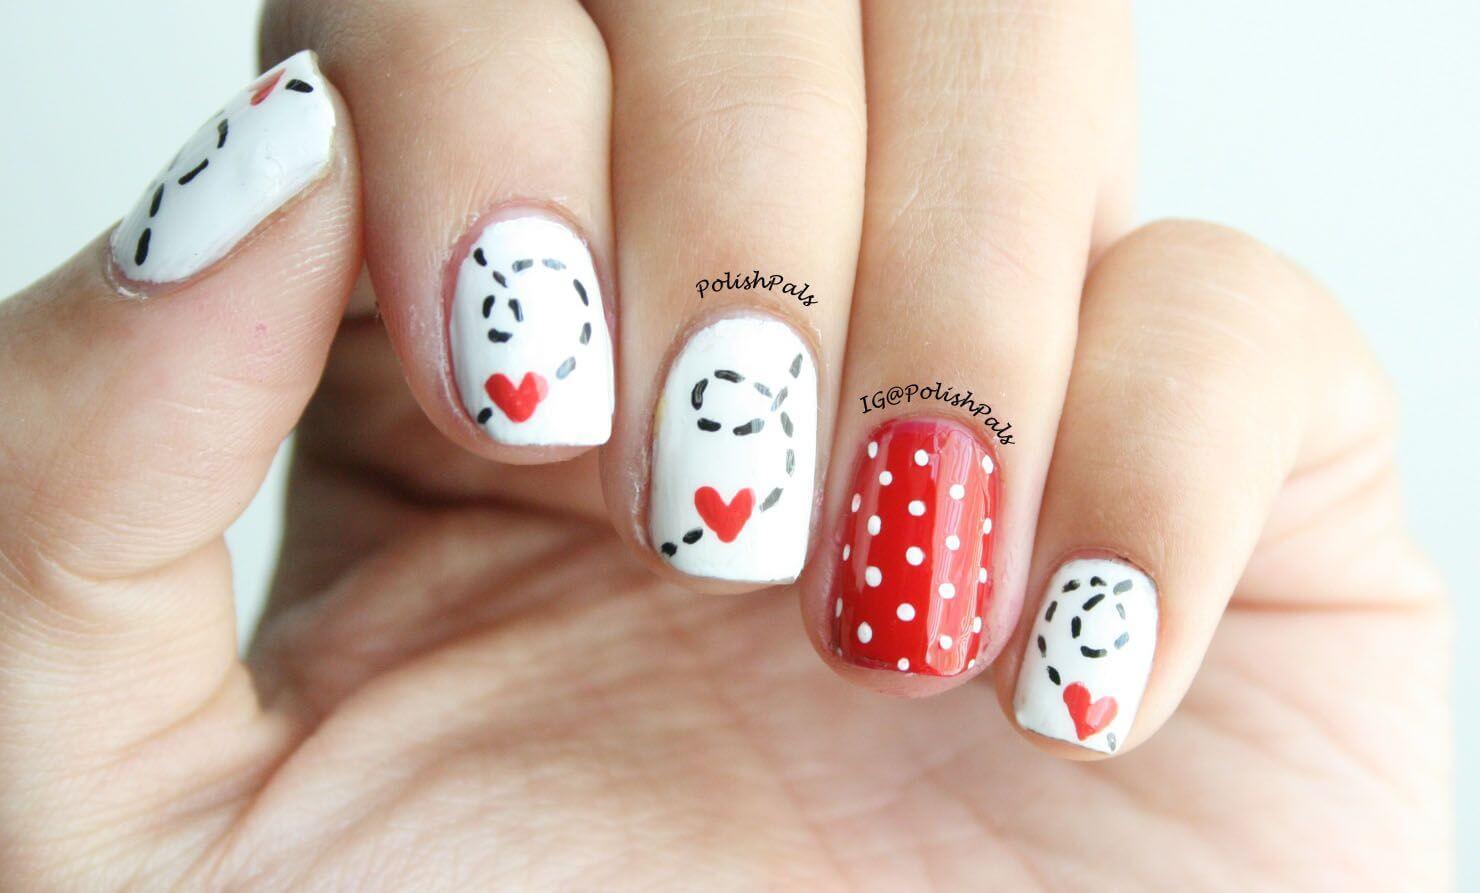 Des ongles d'amour avec des cœurs pour les romantiques! + 170 dessins 16